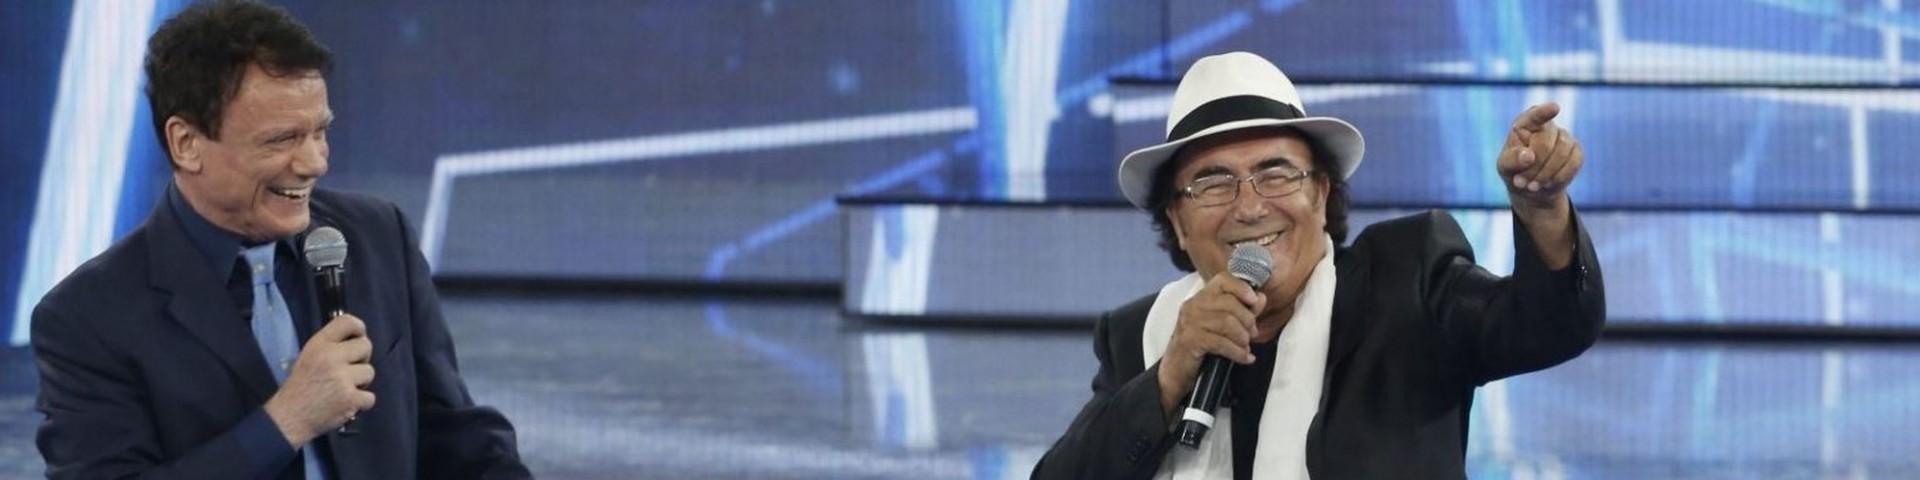 Al Bano e Massimo Ranieri ad Amici 2019: il video dell'esibizione